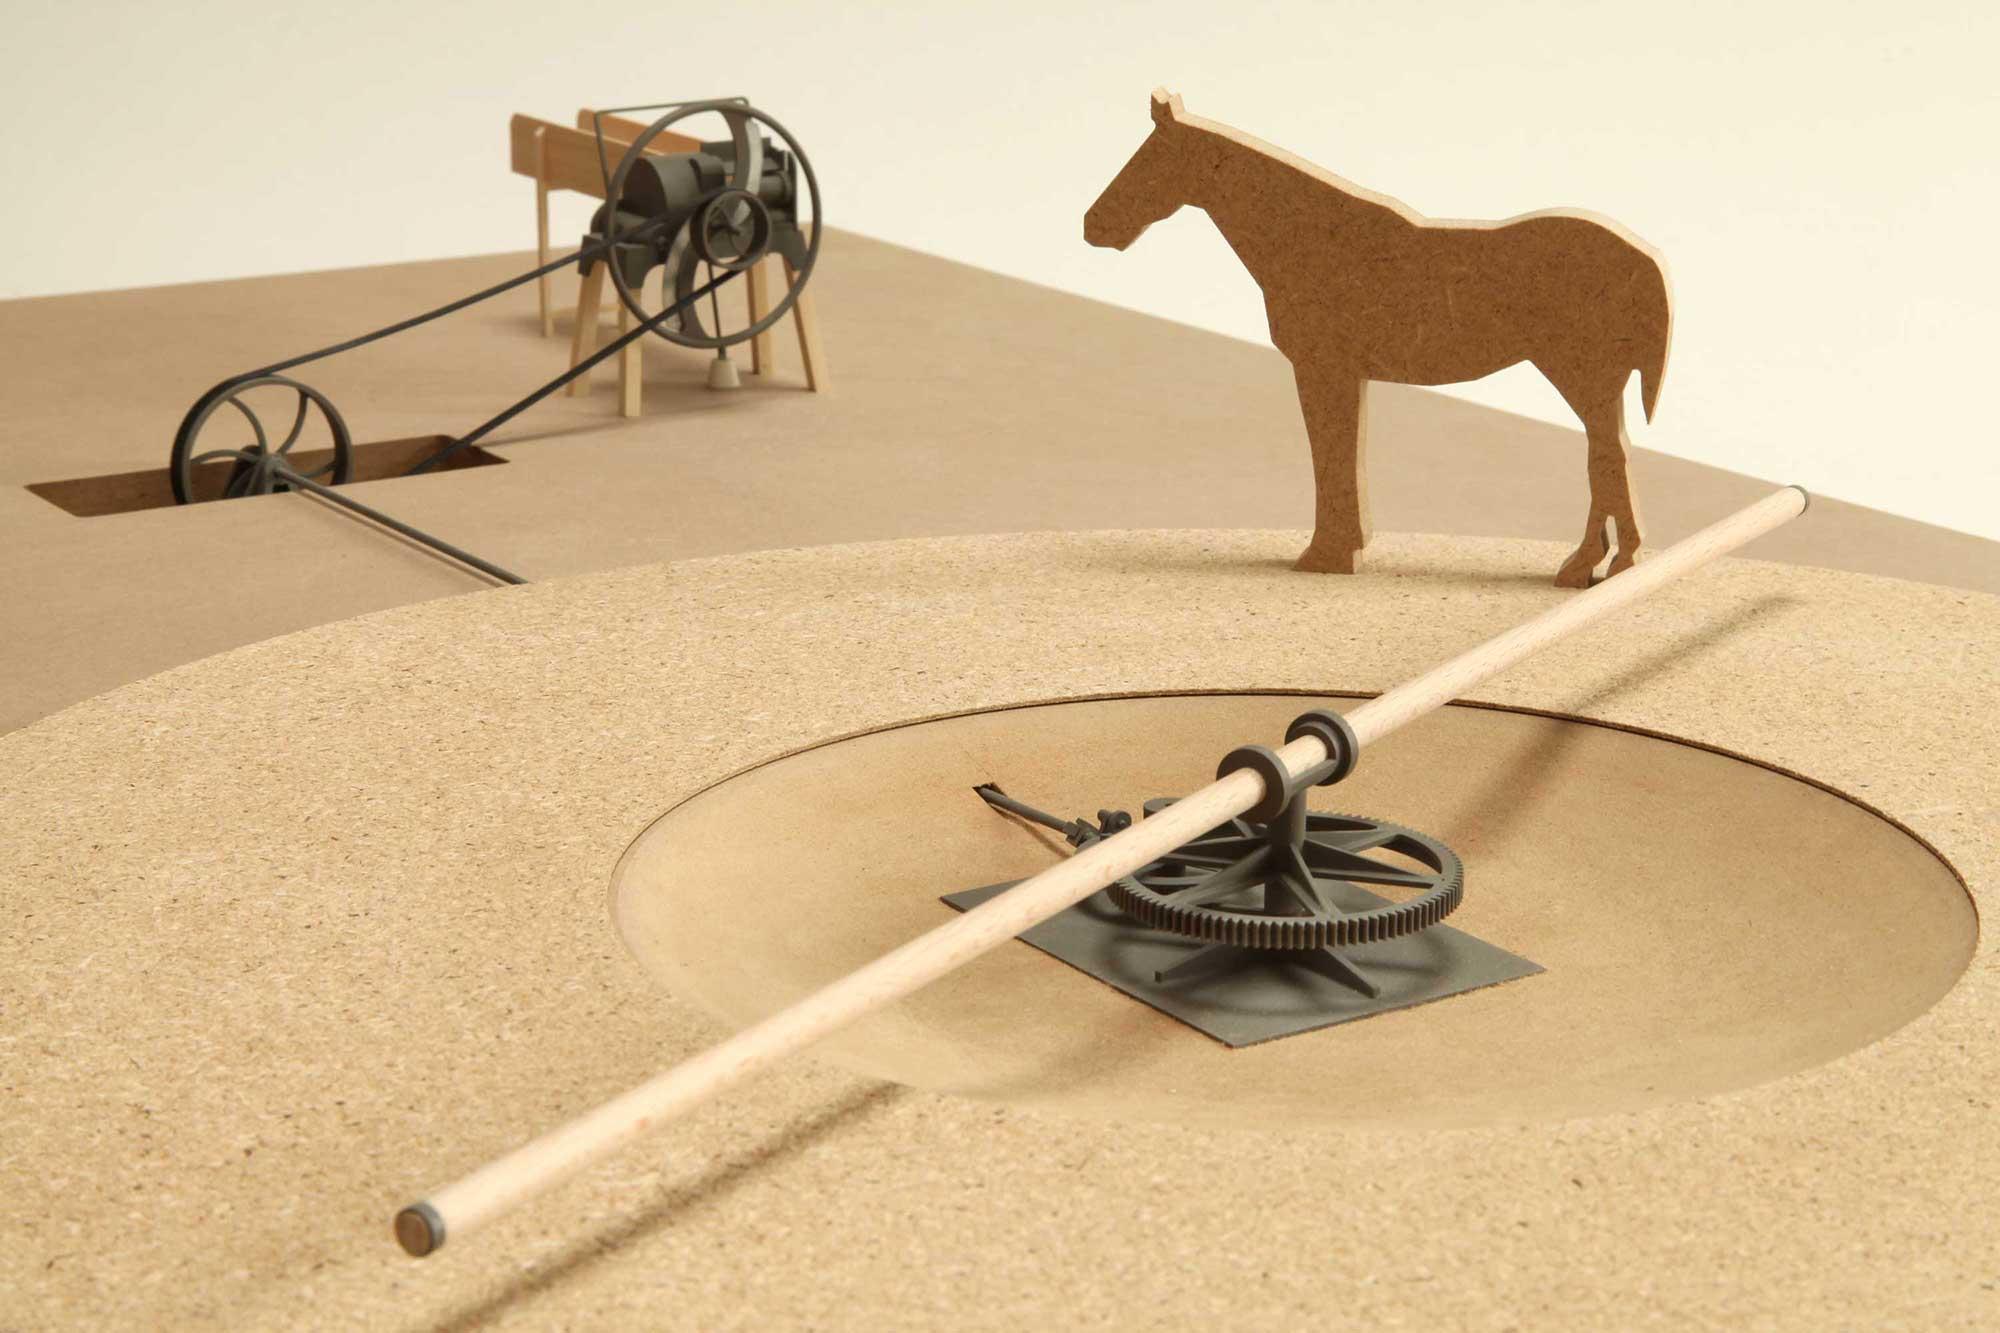 Modellszene mit Pferdegöpel und Häckselmaschine